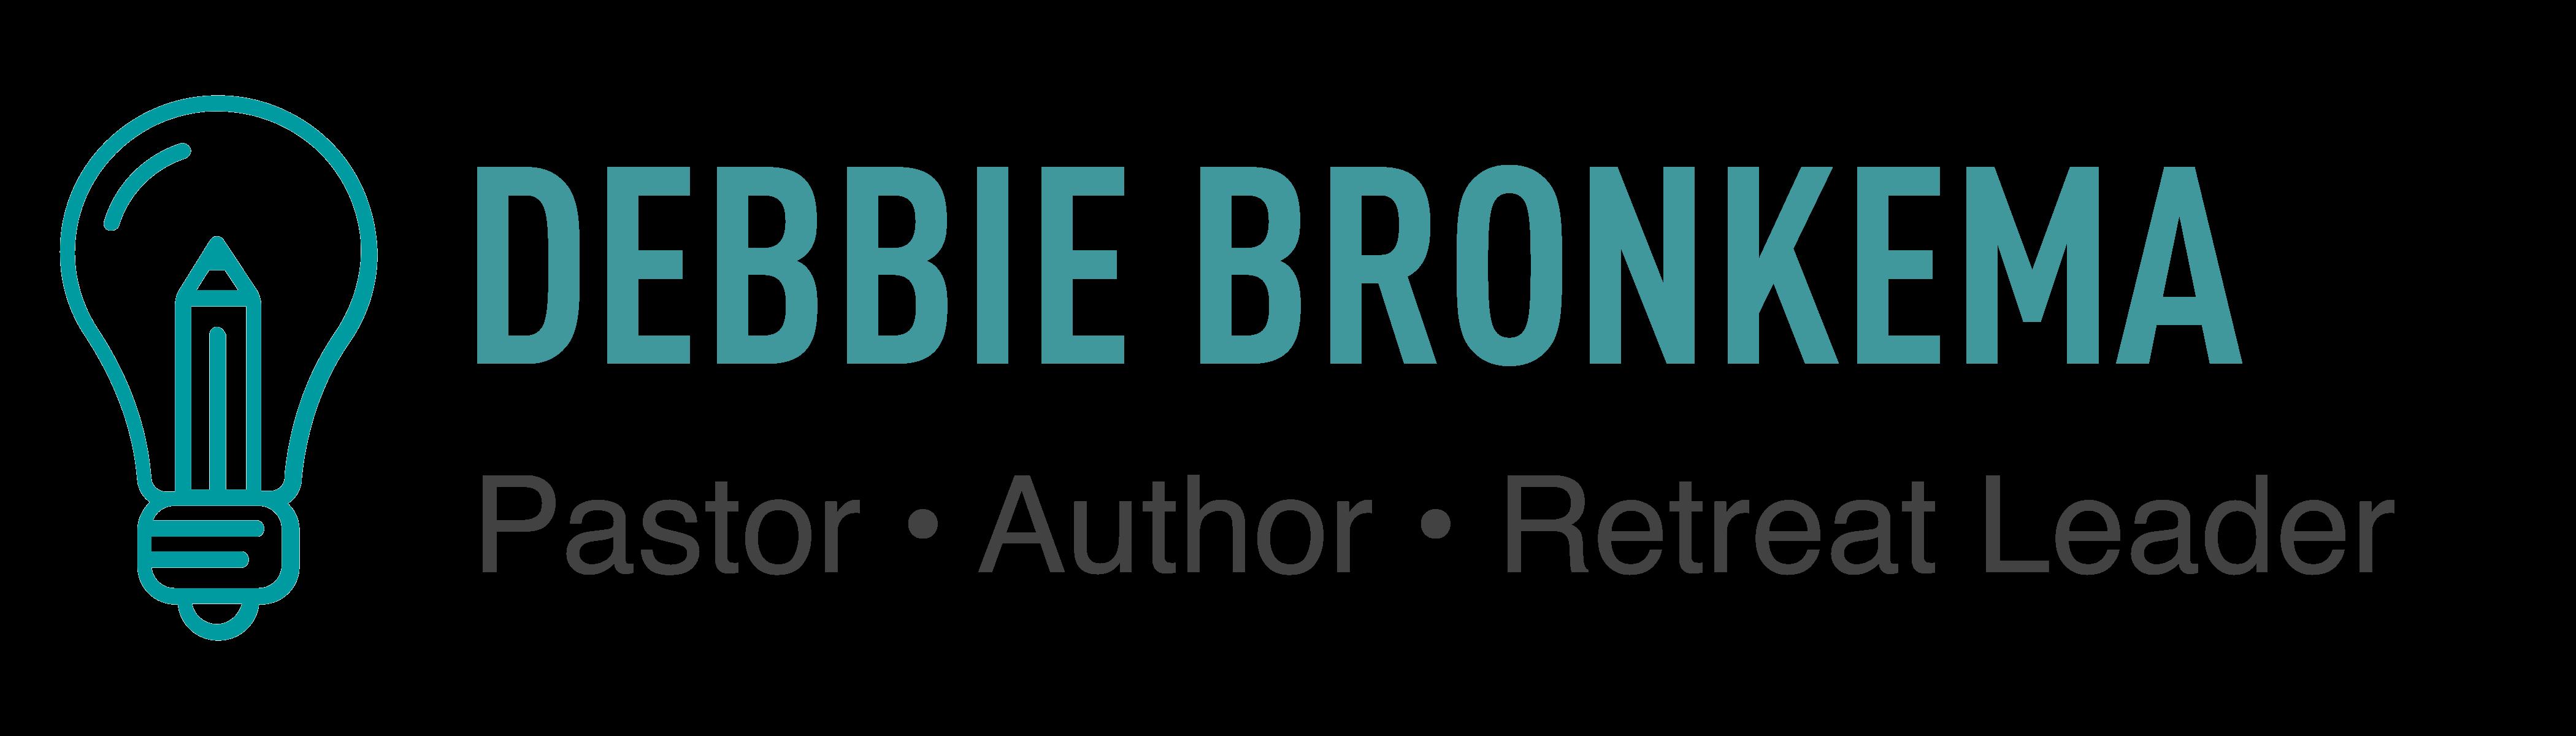 Debbie Bronkema